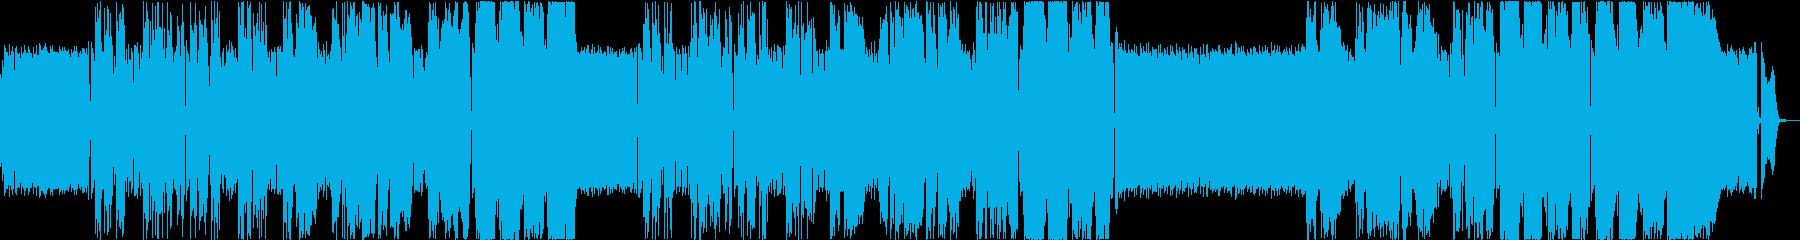 架空のアニメ「炎上肉魂ヒーマン」主題歌の再生済みの波形